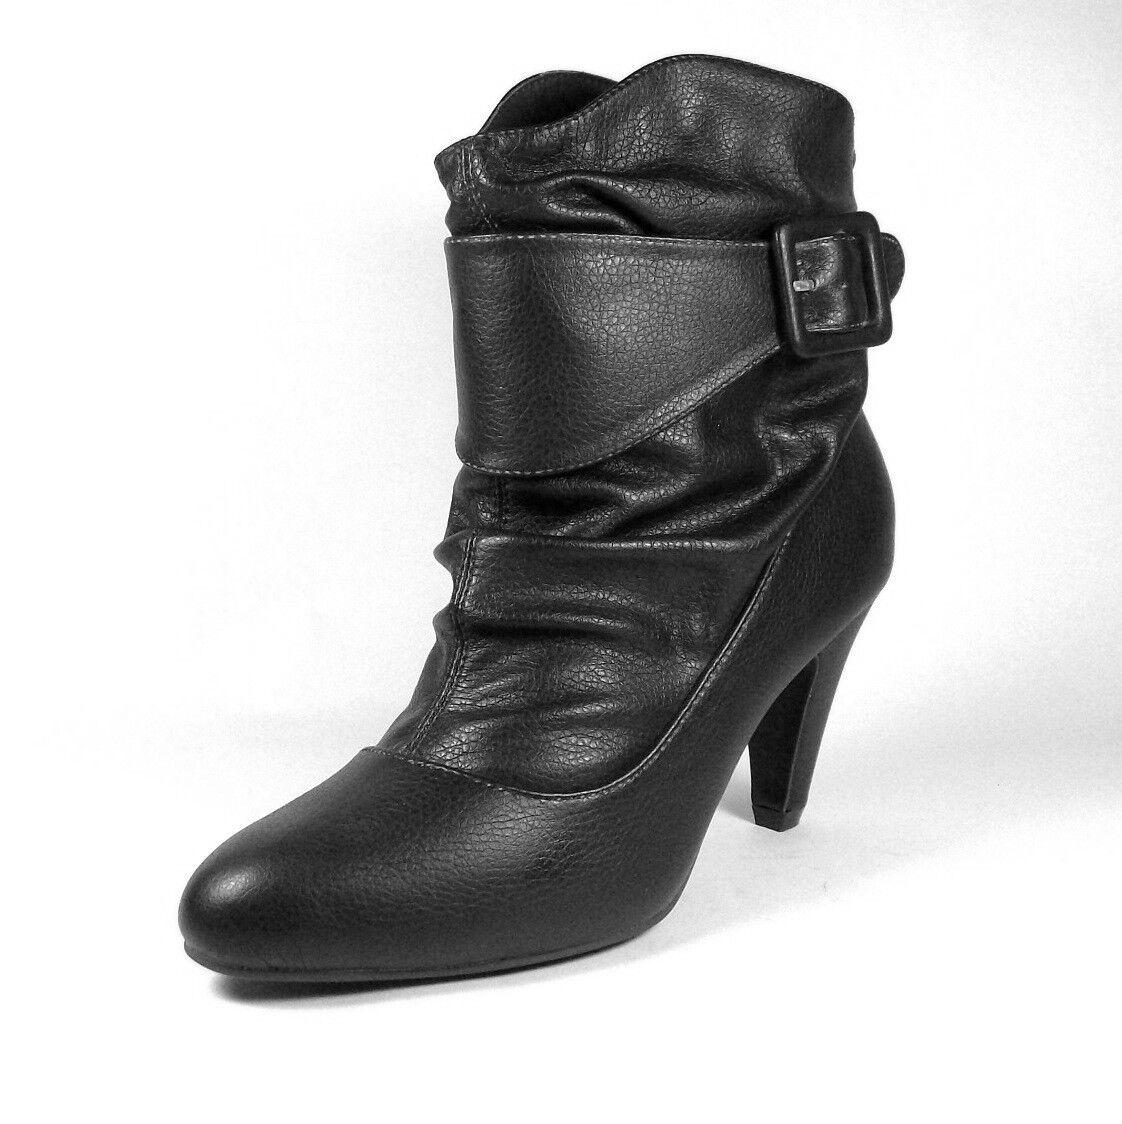 ELLA Womans Black Ruched Ankle  Boots Size 3 EU 37